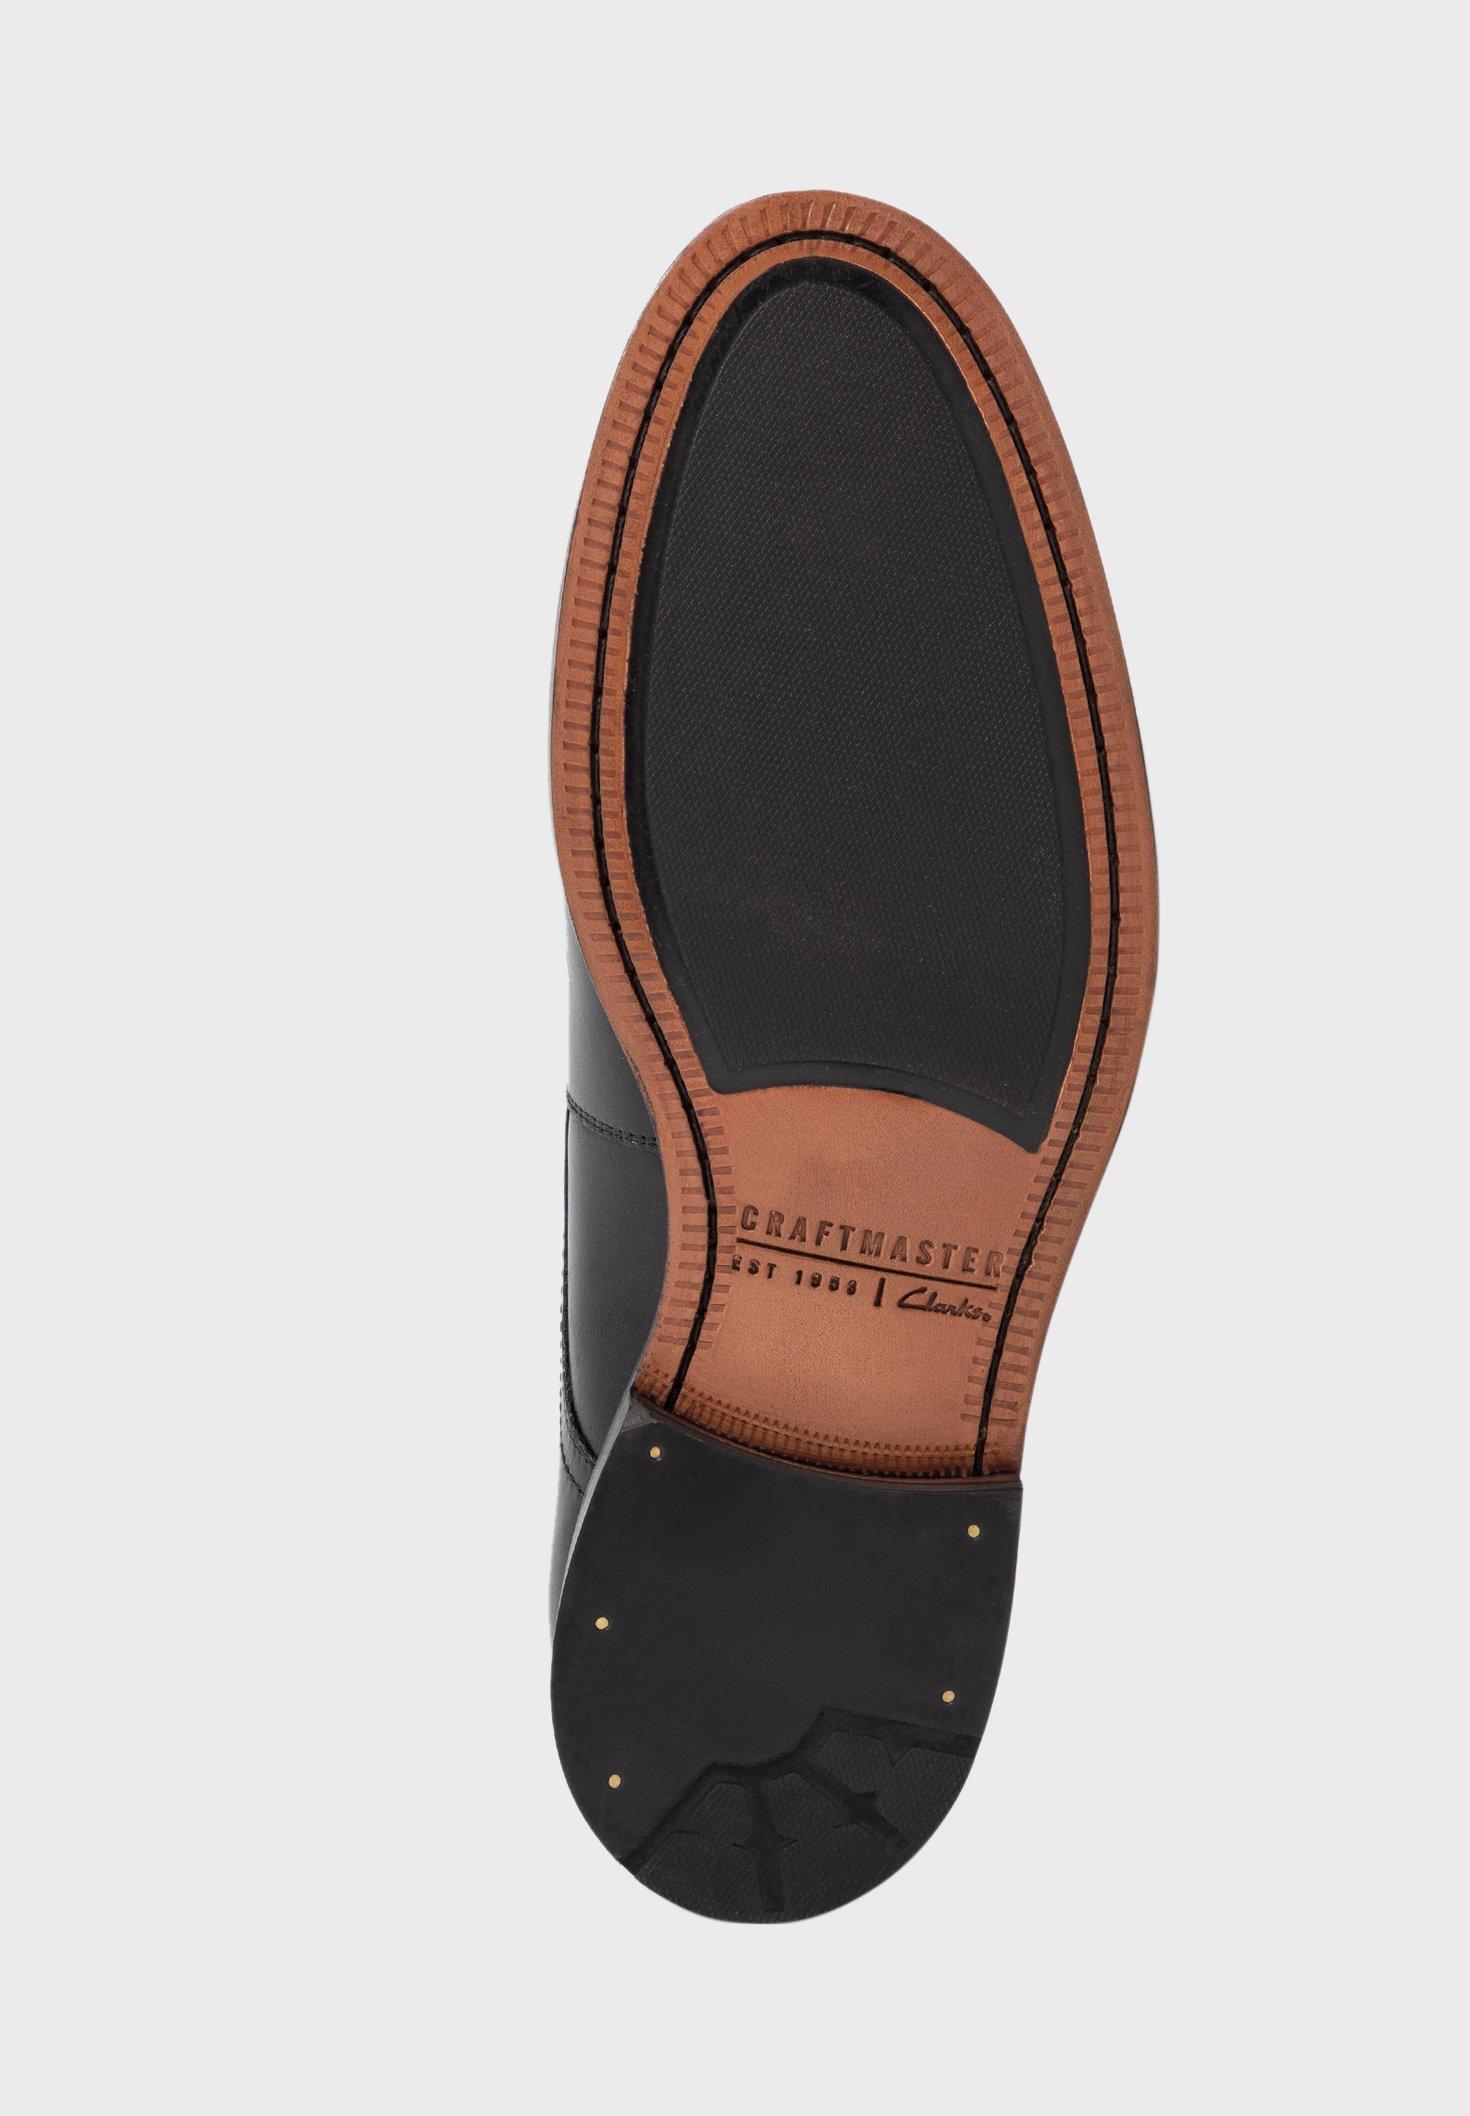 Clarks OLIVER CAP - Derbies & Richelieus black